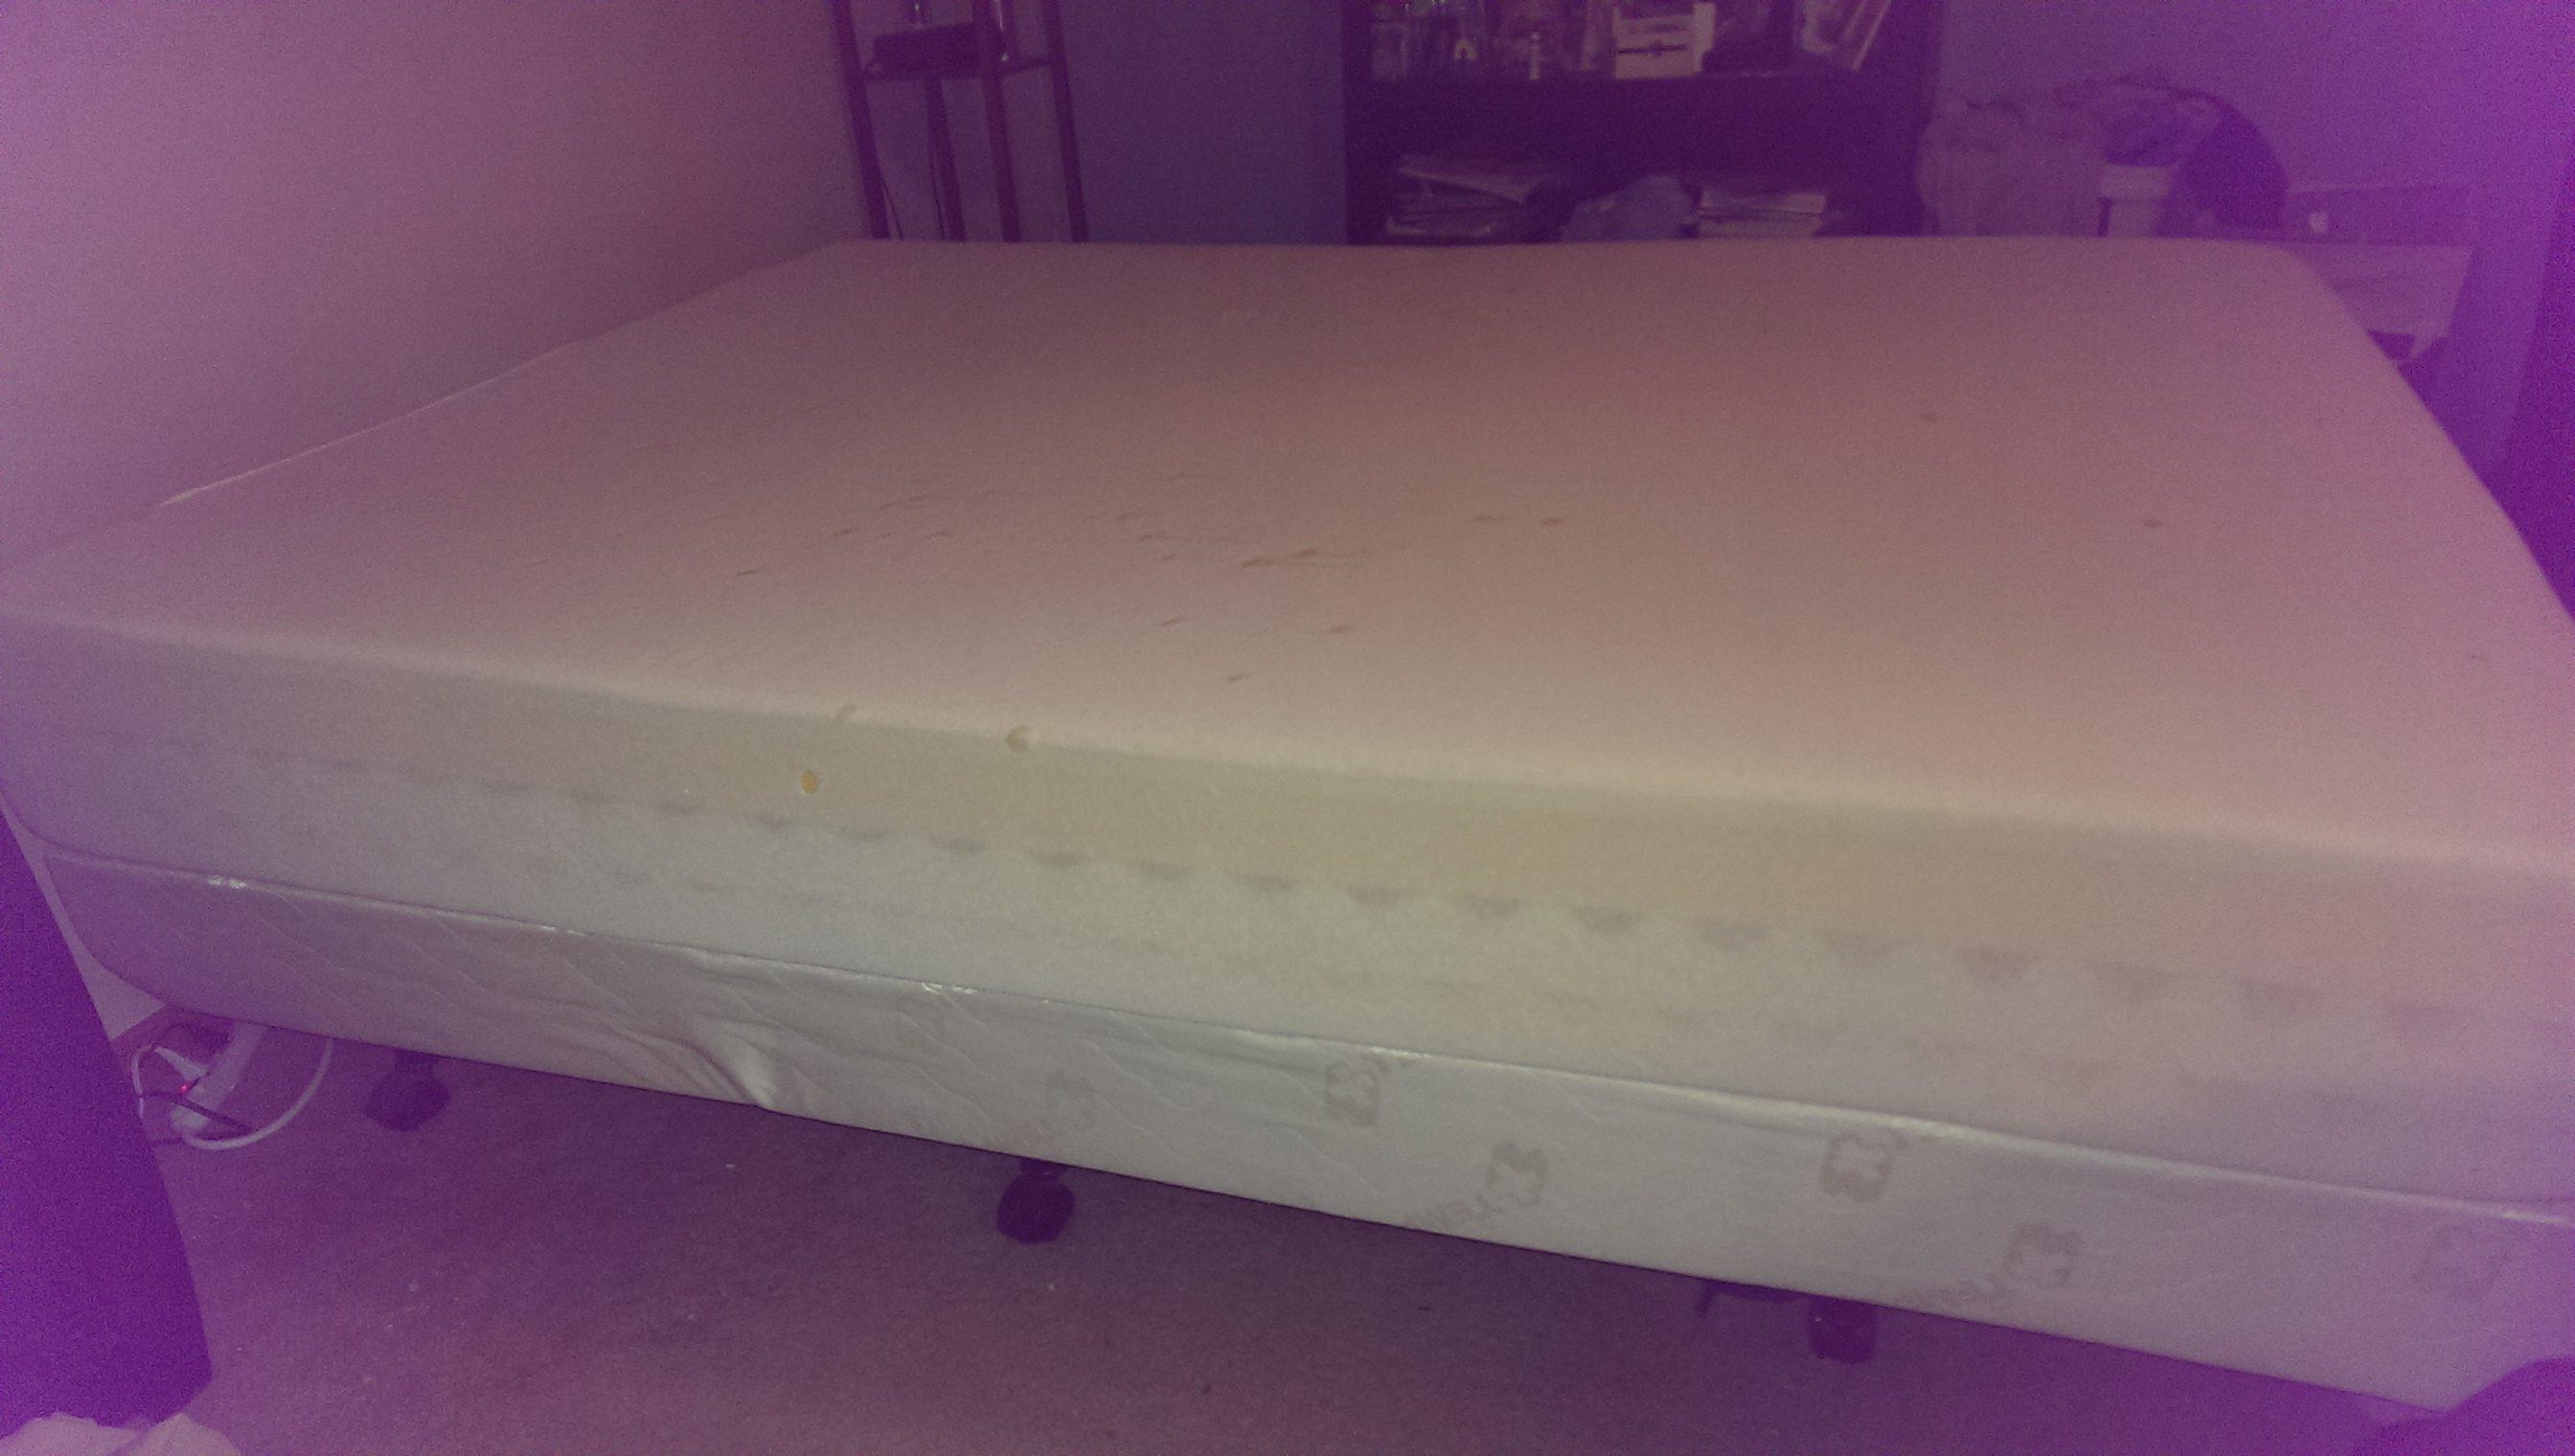 Image Result For Tempur Pedic Split King Adjustable Bed Dimensions